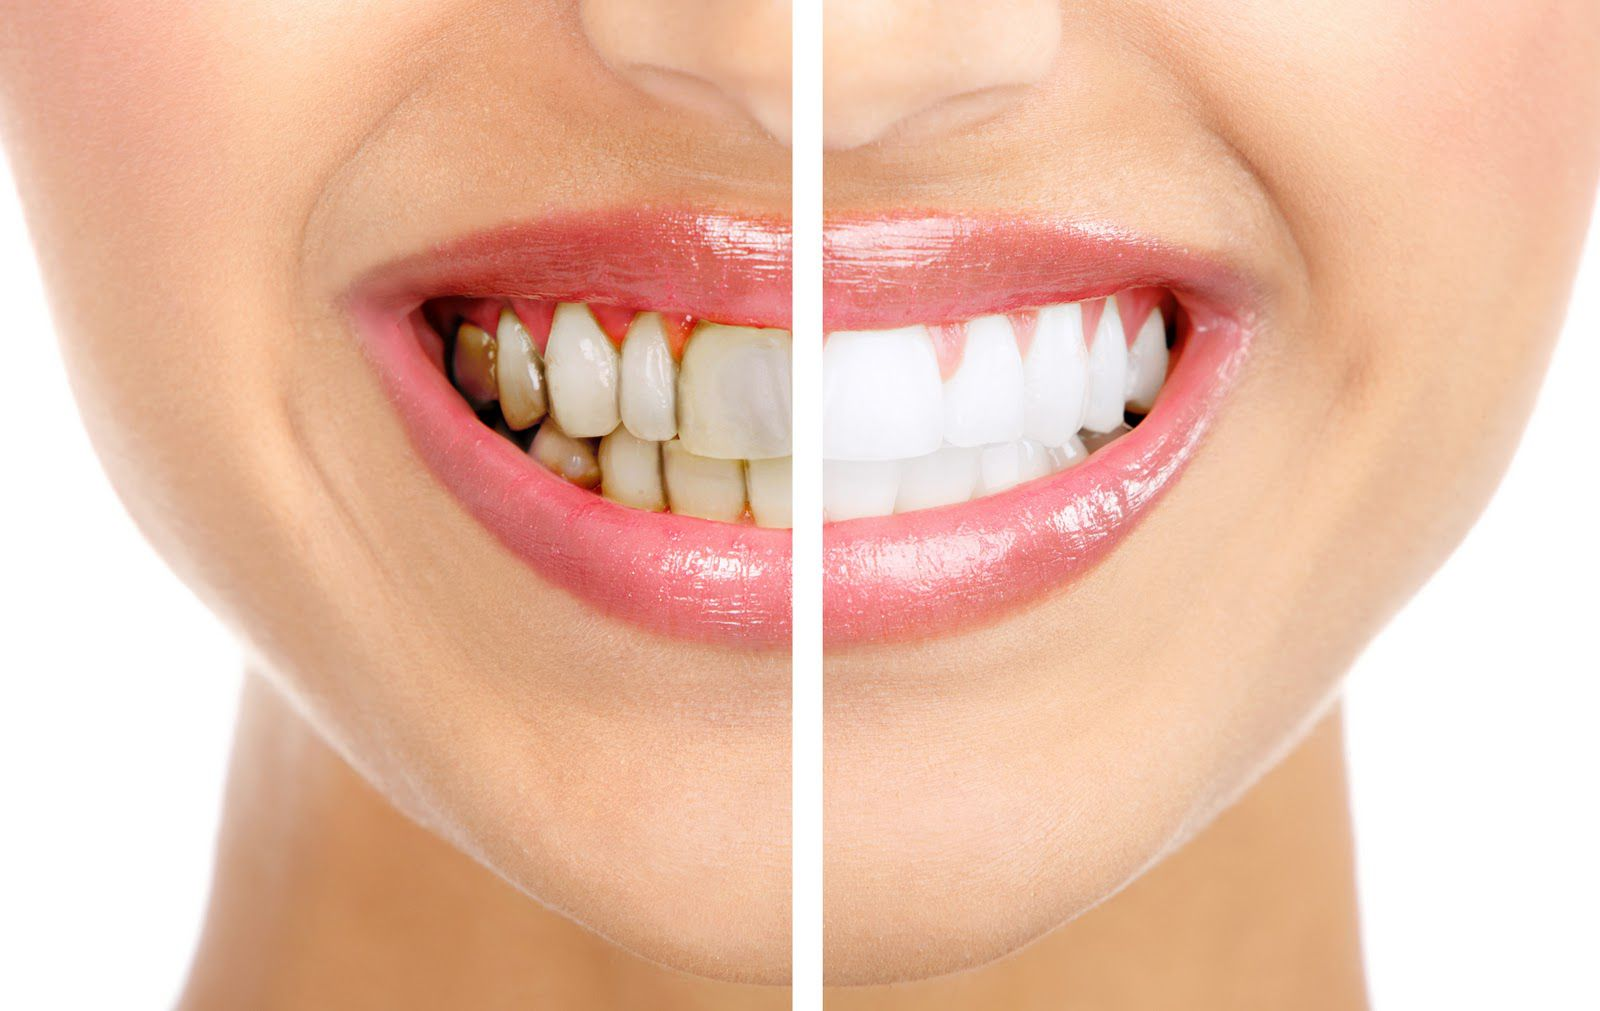 Bảng giá và bảng màu răng sứ Zirconia mới nhất cung cấp nhiều sự lựa chọn phù hợp